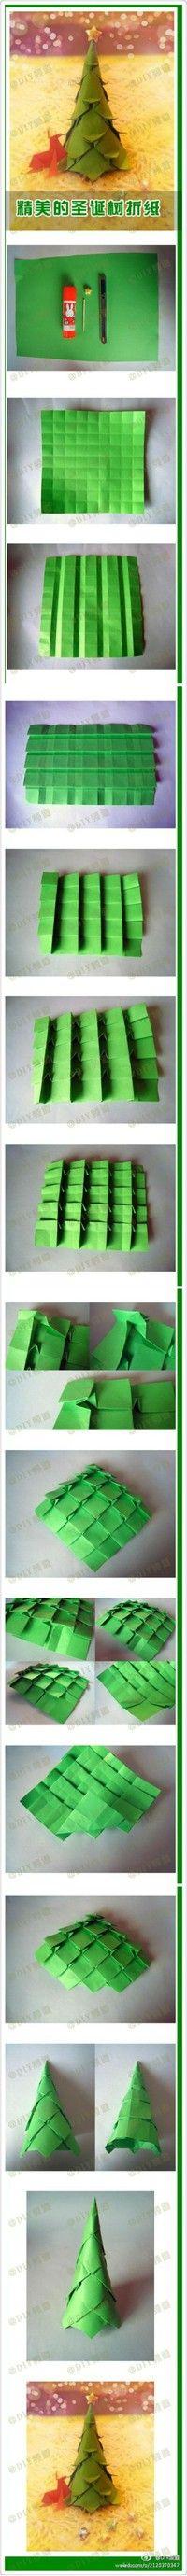 [Natal] parentalidade coleção árvore de Natal origami DIY Manual